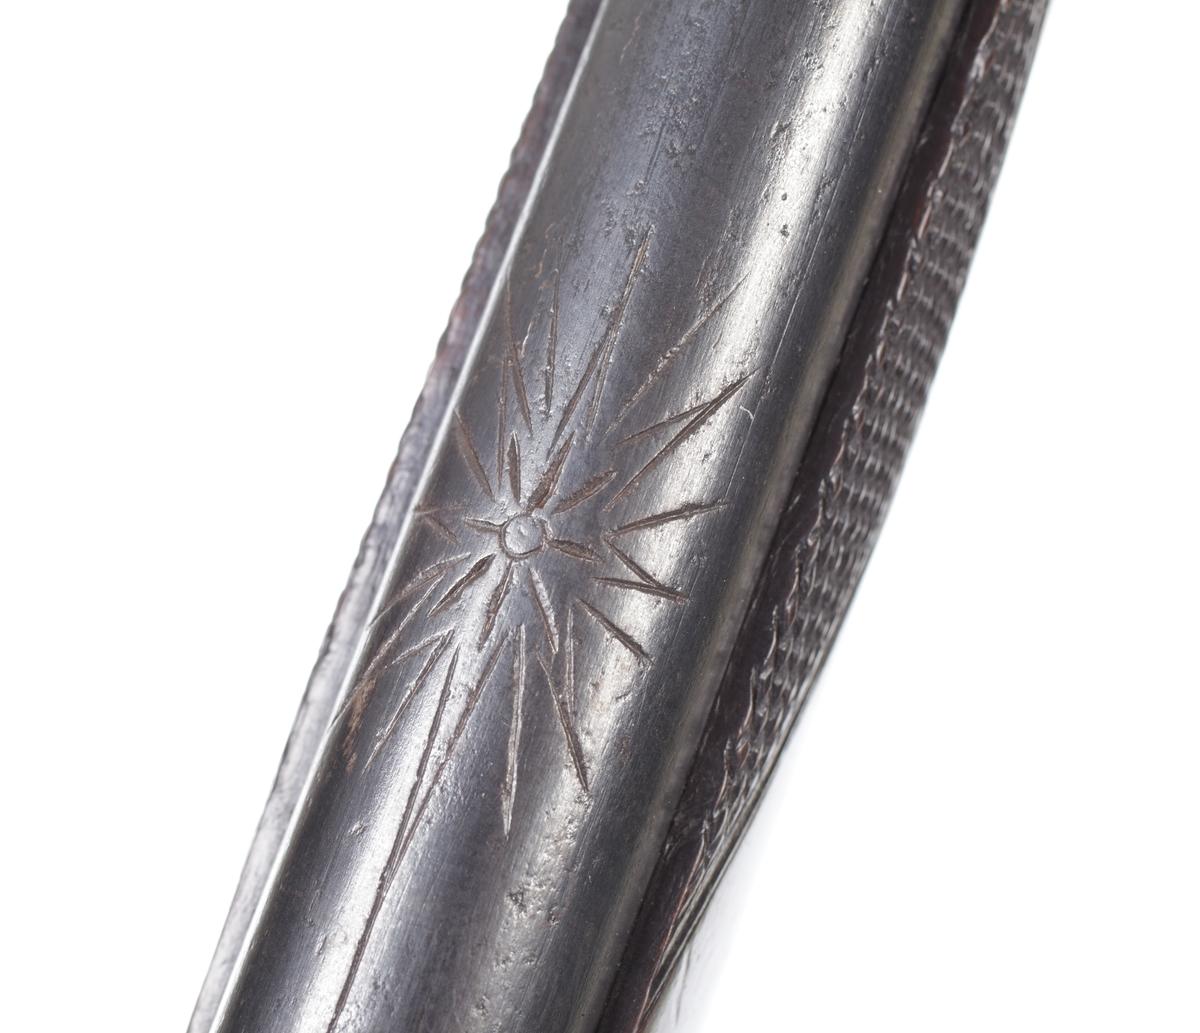 Jaktgevär försett med flintlås där framstocken går till en tredjedel av pipans längd. Under pipan finns tre rörkor vari laddstocken är inskjuten. Både framstocken och kolvhalsen har nätskärningar i rombska mönster. Kolvens bakplåt går upp över kolvryggen och avslutas med en rundad spets. Pipan är rund med en stjärnformig dekoration framför kammarstycket. Sikte saknas men vid mynningen sitter ett litet korn i mässing. Istället för sidobleck är låsskruvarnas infästning förstärkt med mässingshylsor. Låsblecket är kullrigt och försett med graverad dekor bakom hanen. Hanen påminner till formen om liknande hanar som finns på engelska armégevär från 1700-talets slut. Varbygel, näsplåt m.m. är förmodligen tillverkade av försilvrad mässing. Pipan är slätborrad med en innerdiameter på 17mm. Inskrivet i huvudkatalog ...........................................